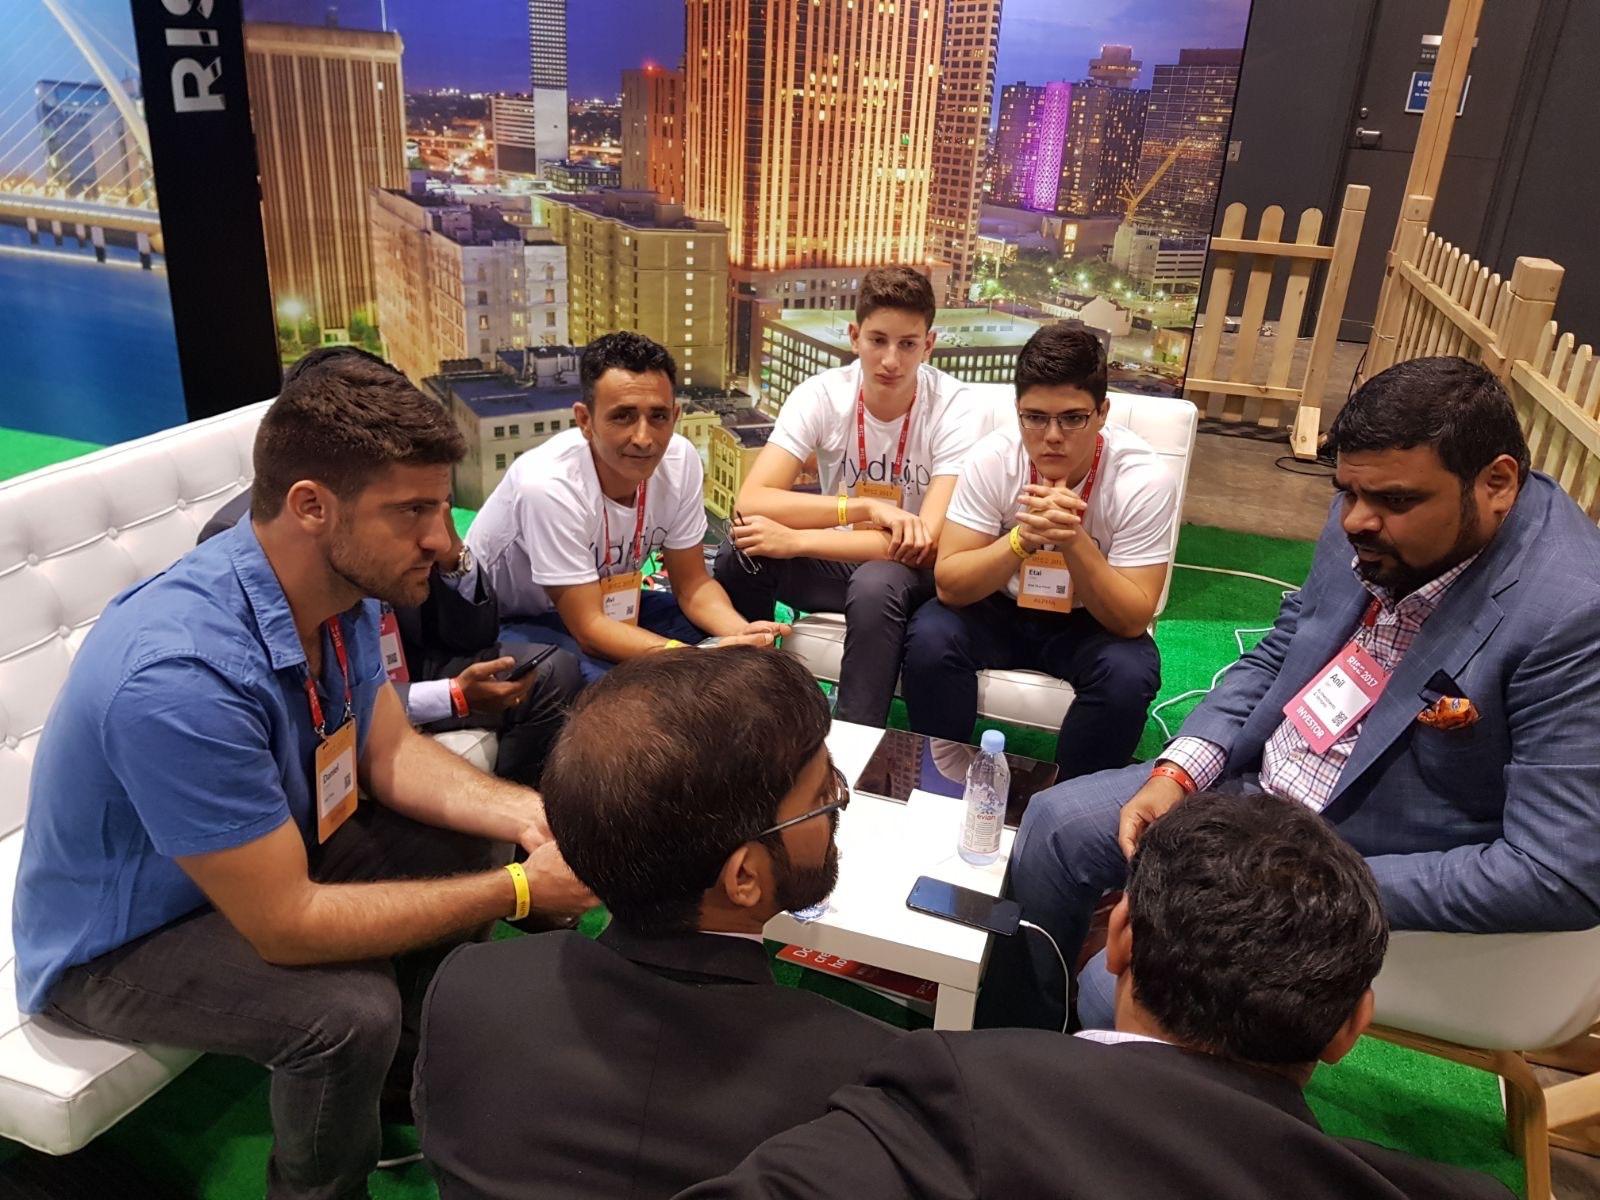 ישיבה עם הודים שמתעניינים בטכנולוגיה